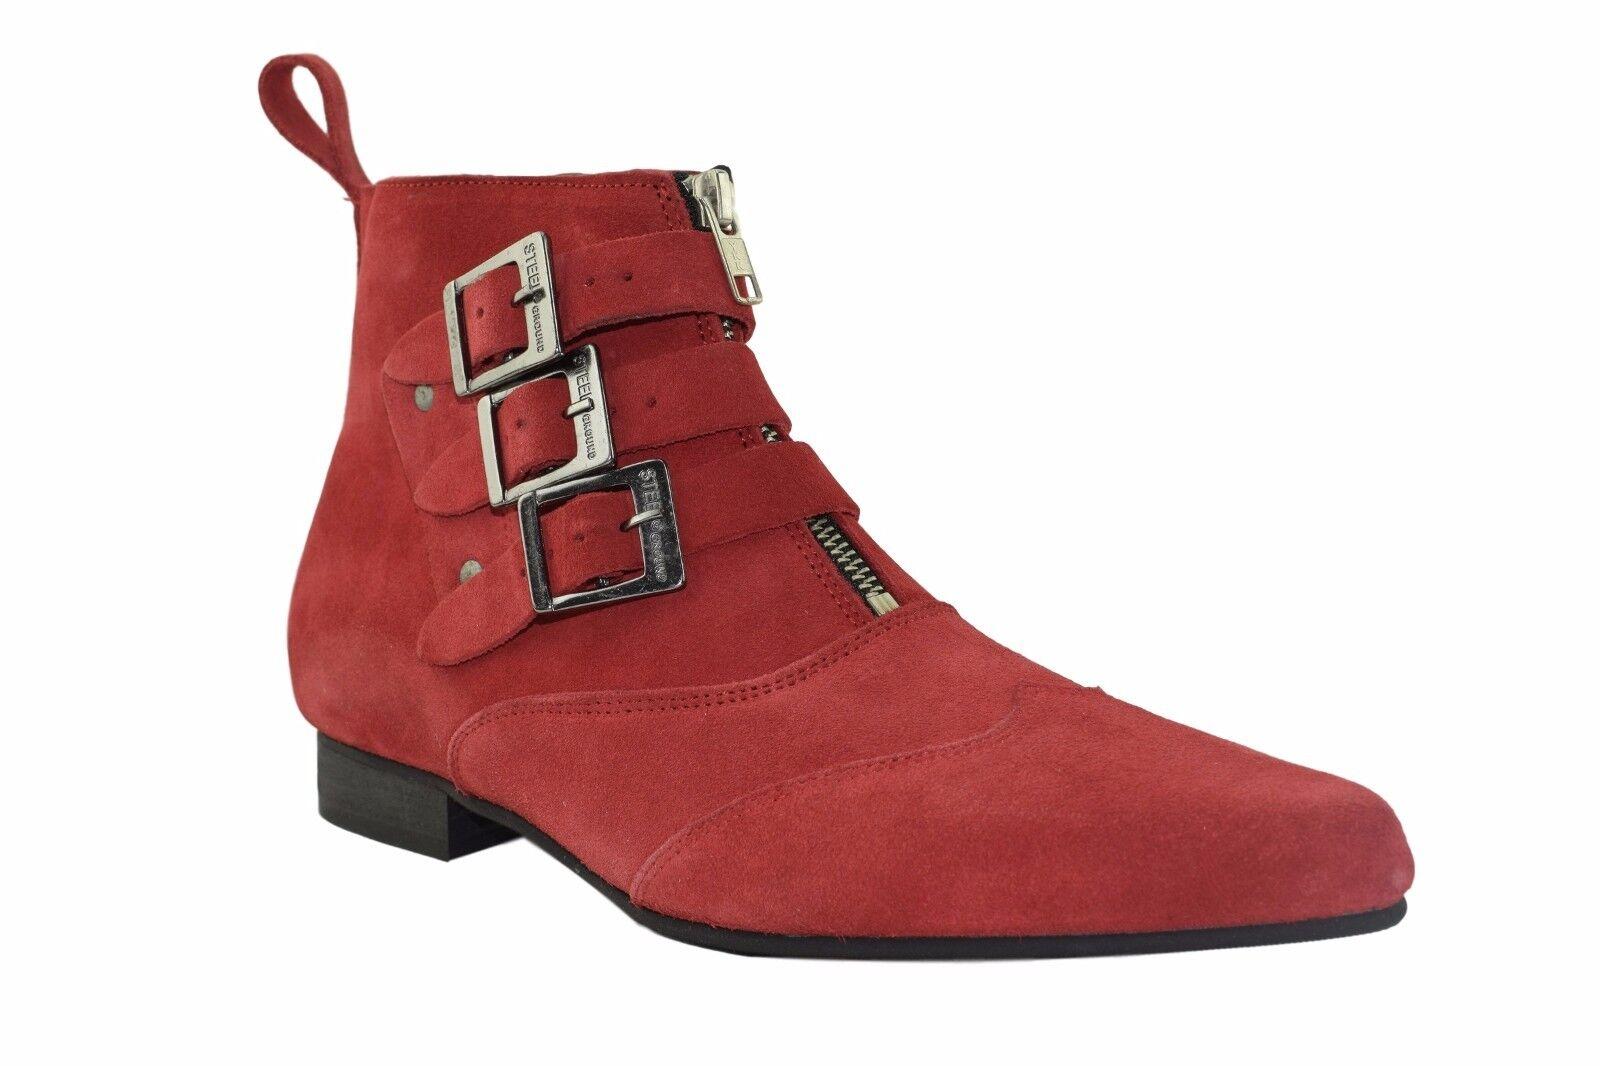 Tierra De Acero Rojo Gamuza Winklepicker botas al Tobillo Bota Hebilla Correas De 3 Sb011Z5